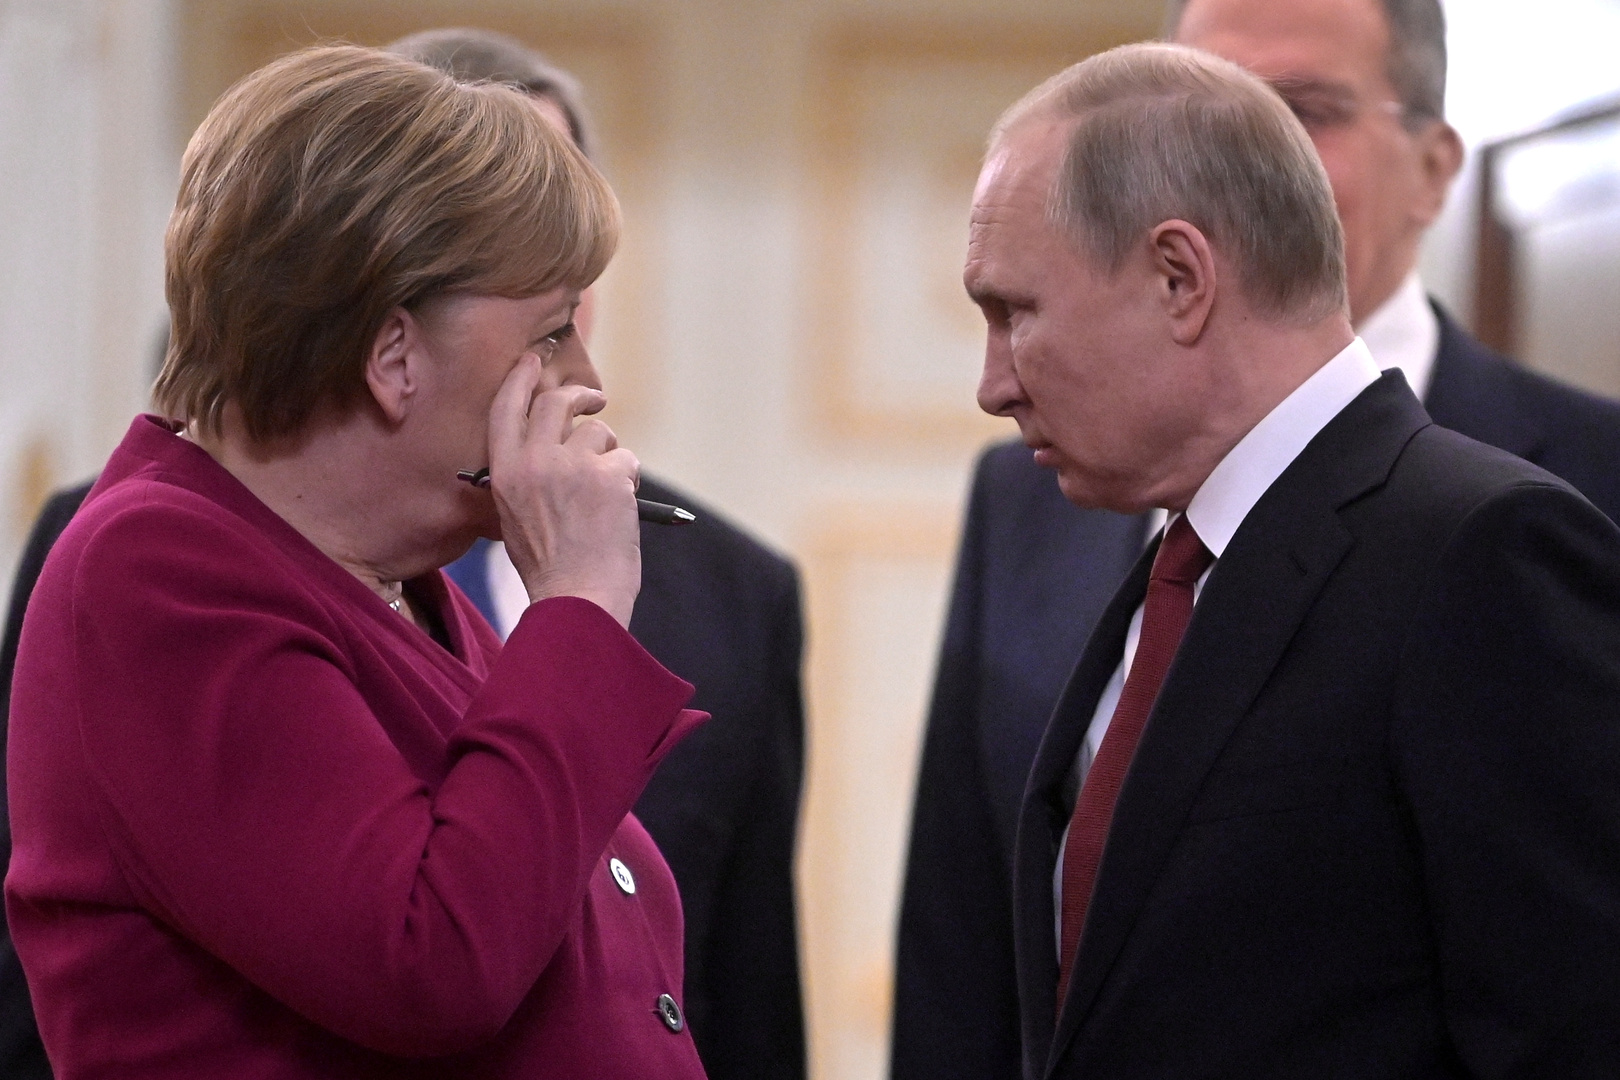 مؤتمر ميونيخ للأمن: الغرب يتحدى روسيا